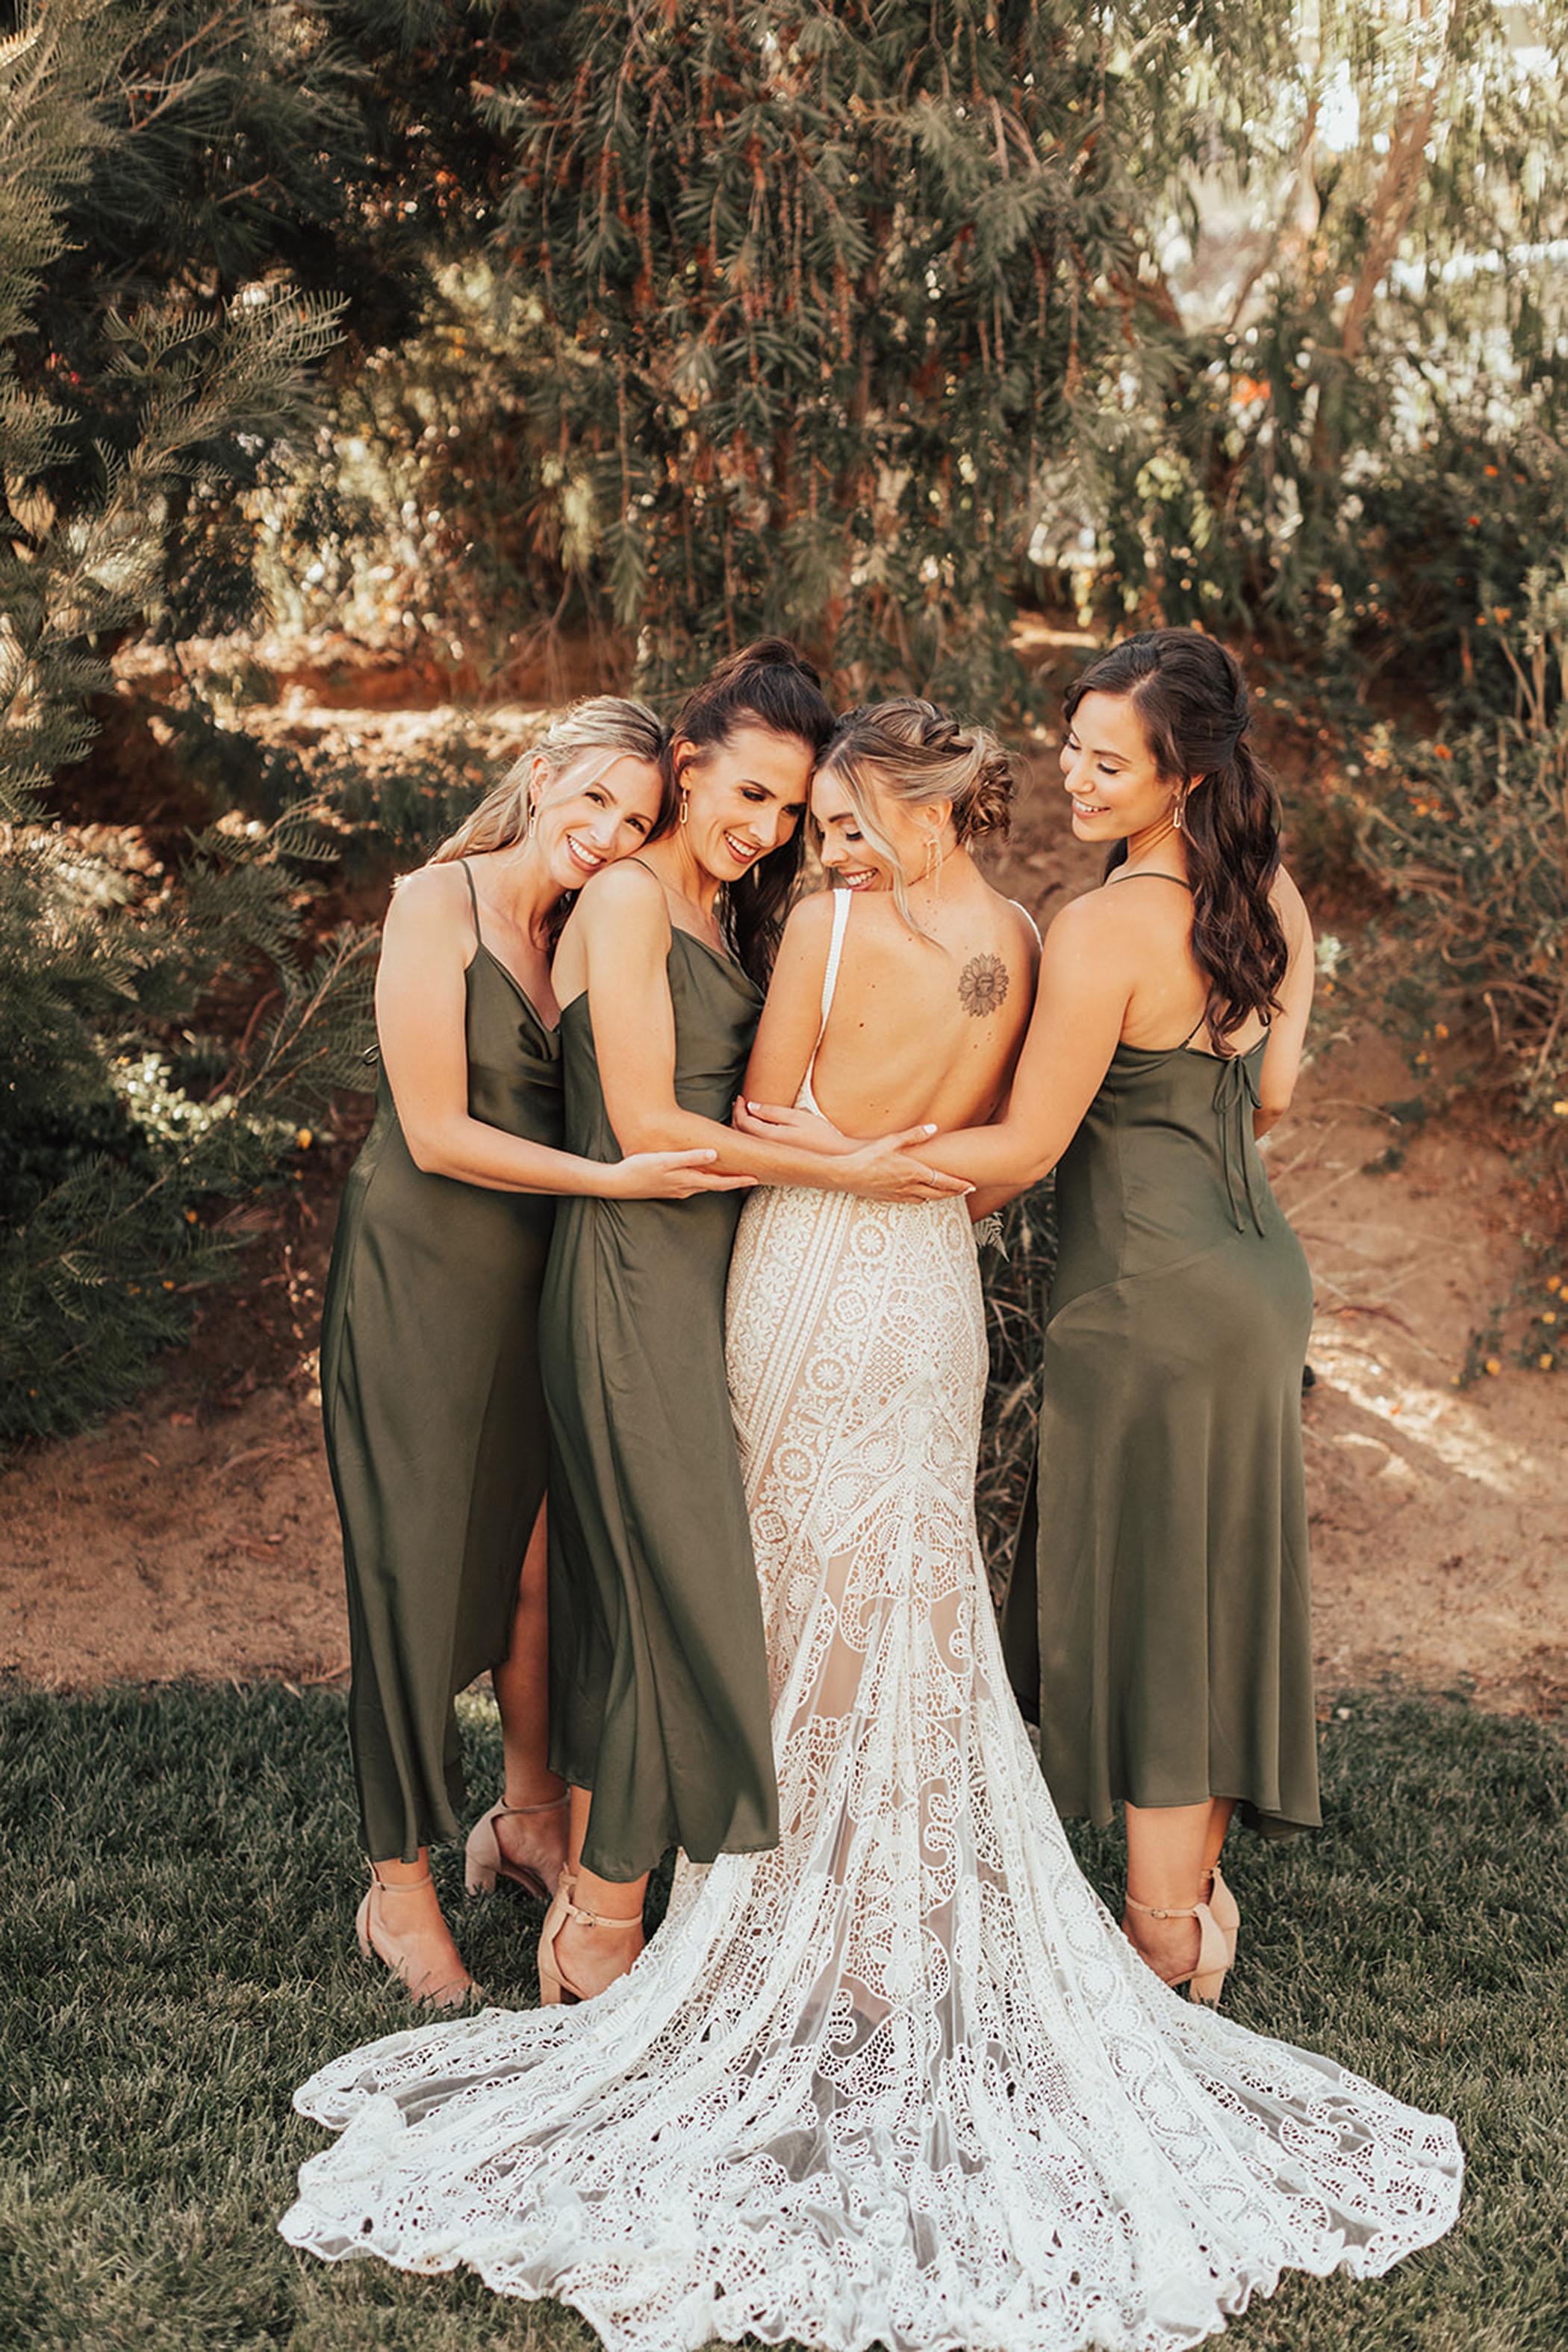 satin bridesmaids